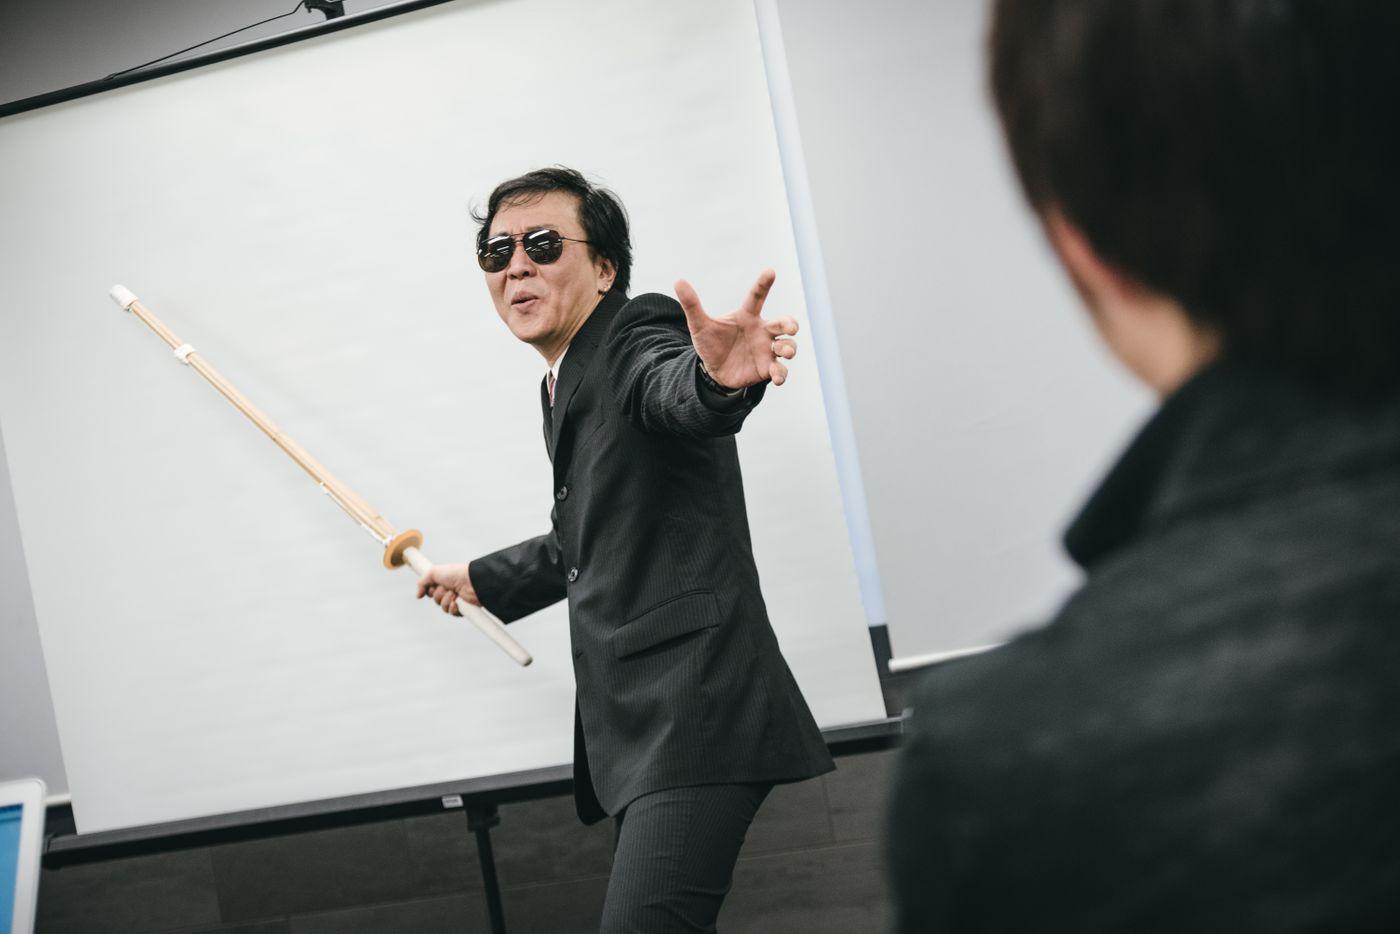 セミナーの鬼教官を見つめる受講生の写真